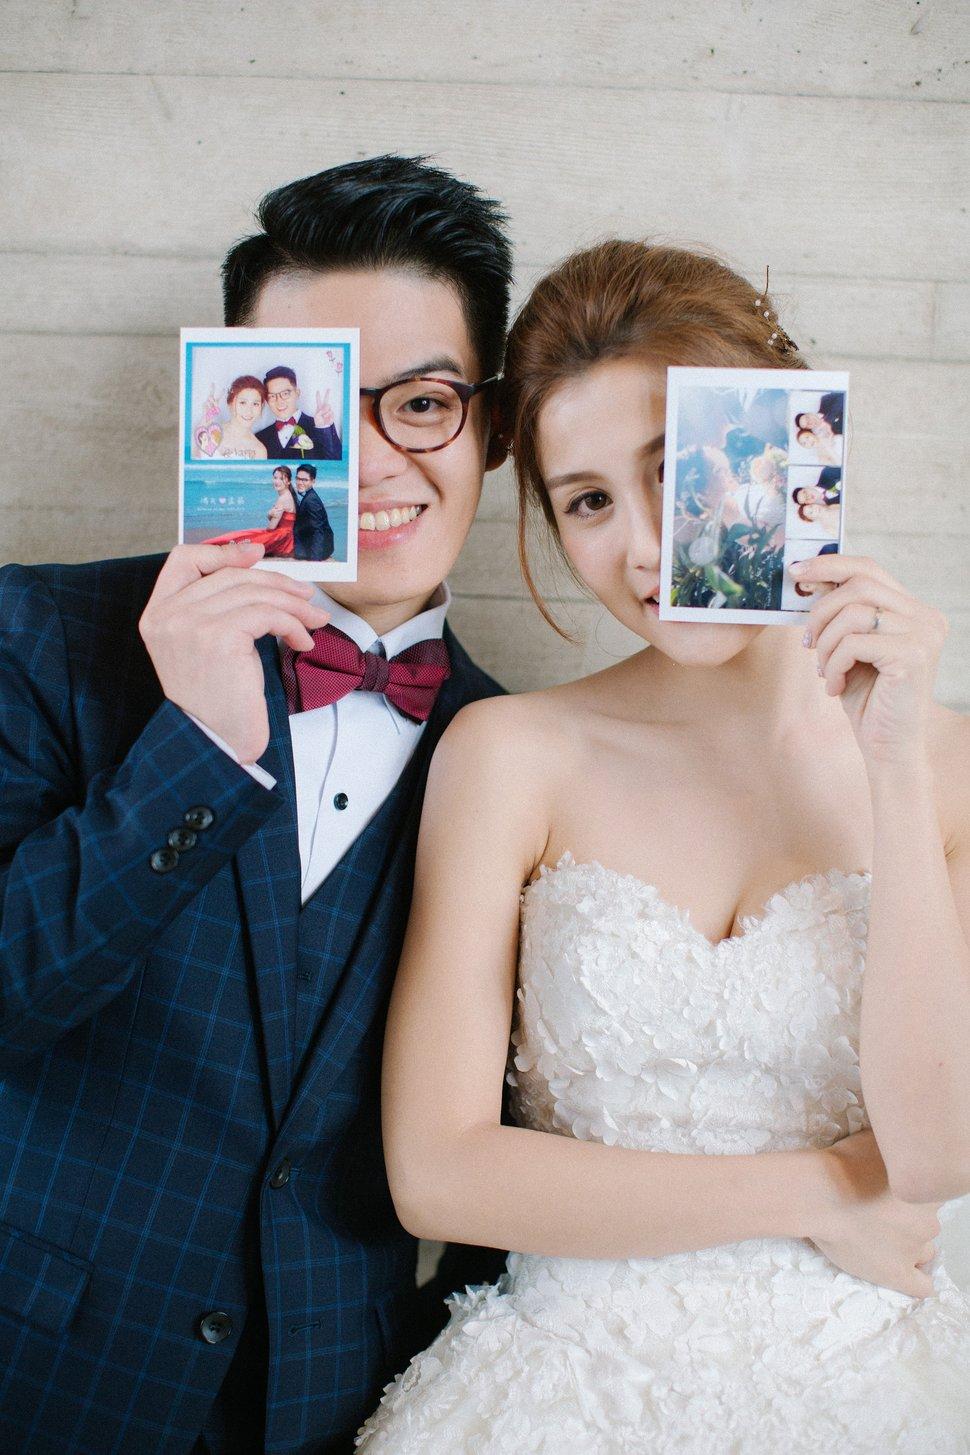 2018-12-23  (608) - 瞳心尉泯 -婚禮攝影 - 結婚吧